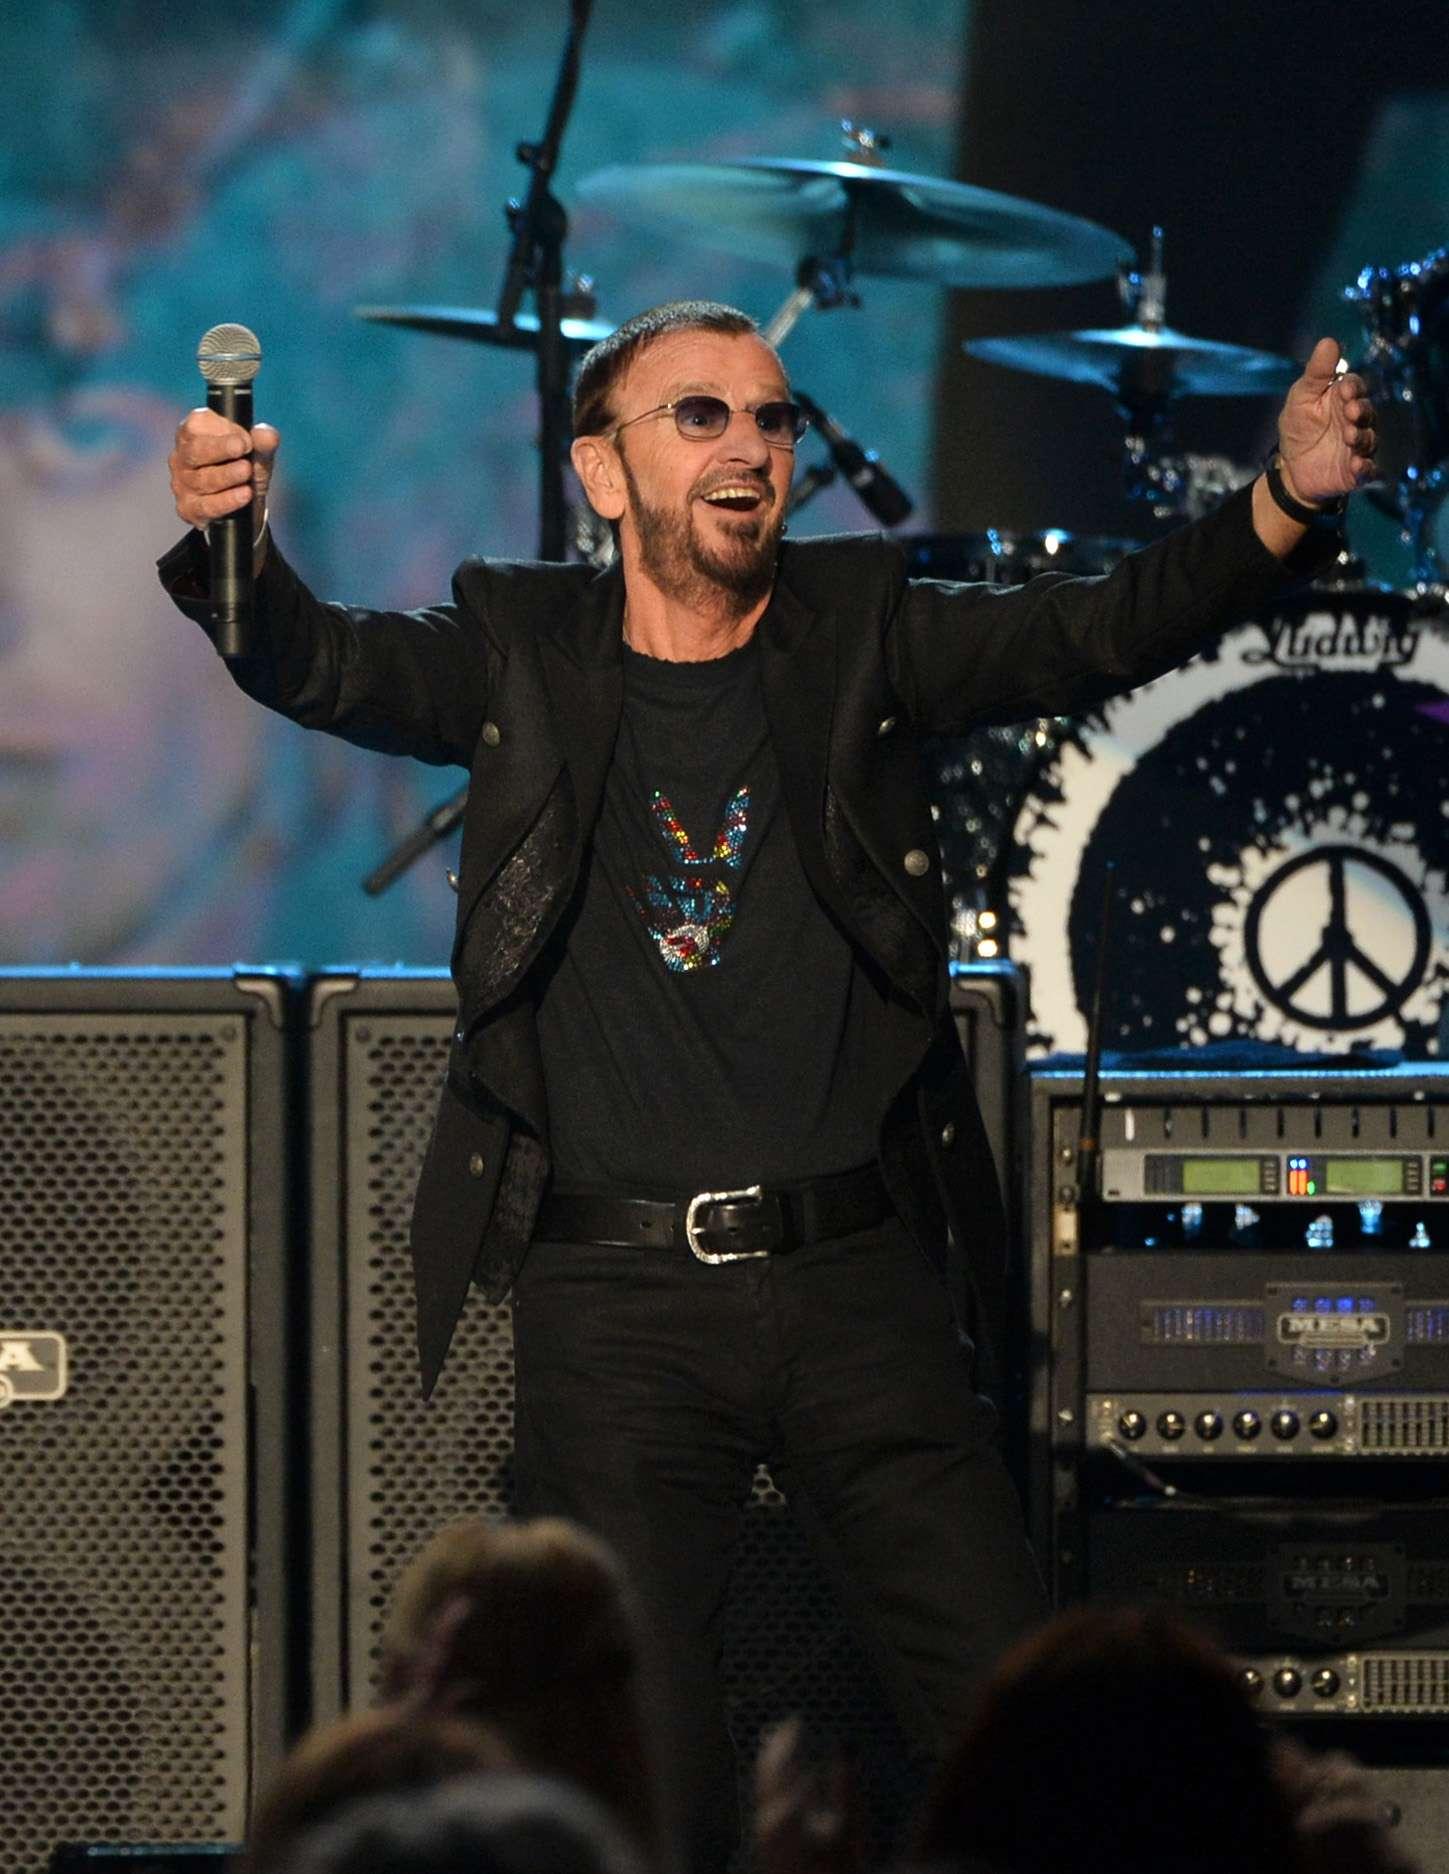 Más de 50.000 personas colmaron el Planetario y otras 30.000 en los alrededores disfrutaron del Movistar Free Music con Ringo Starr. Foto: Getty